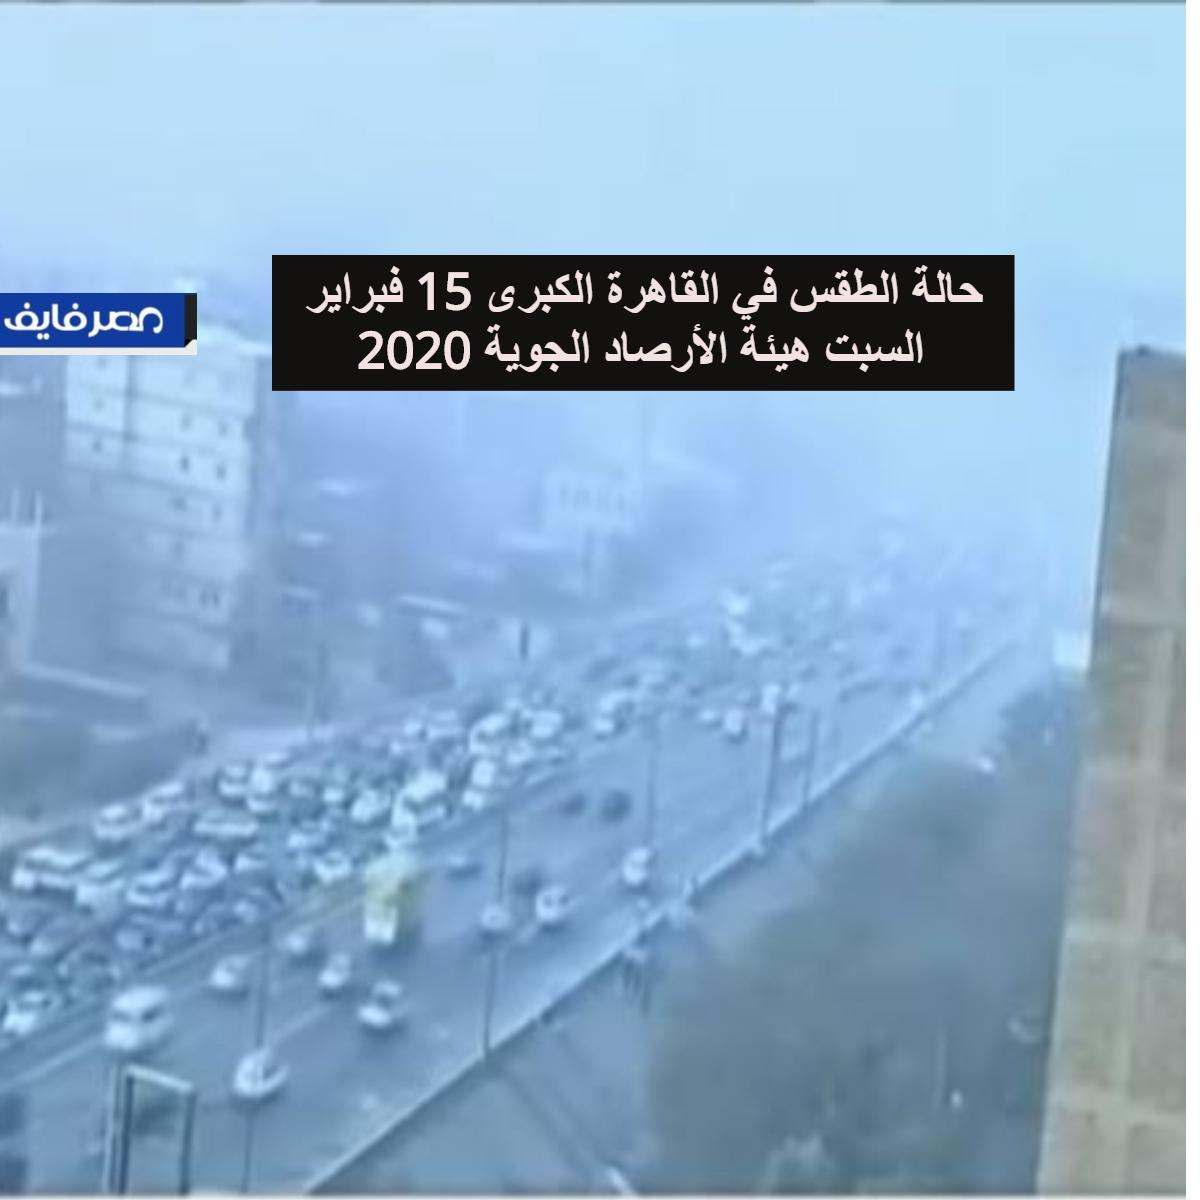 حالة الطقس في القاهرة الكبرى 15 فبراير 2020 السبت هيئة الأرصاد الجوية